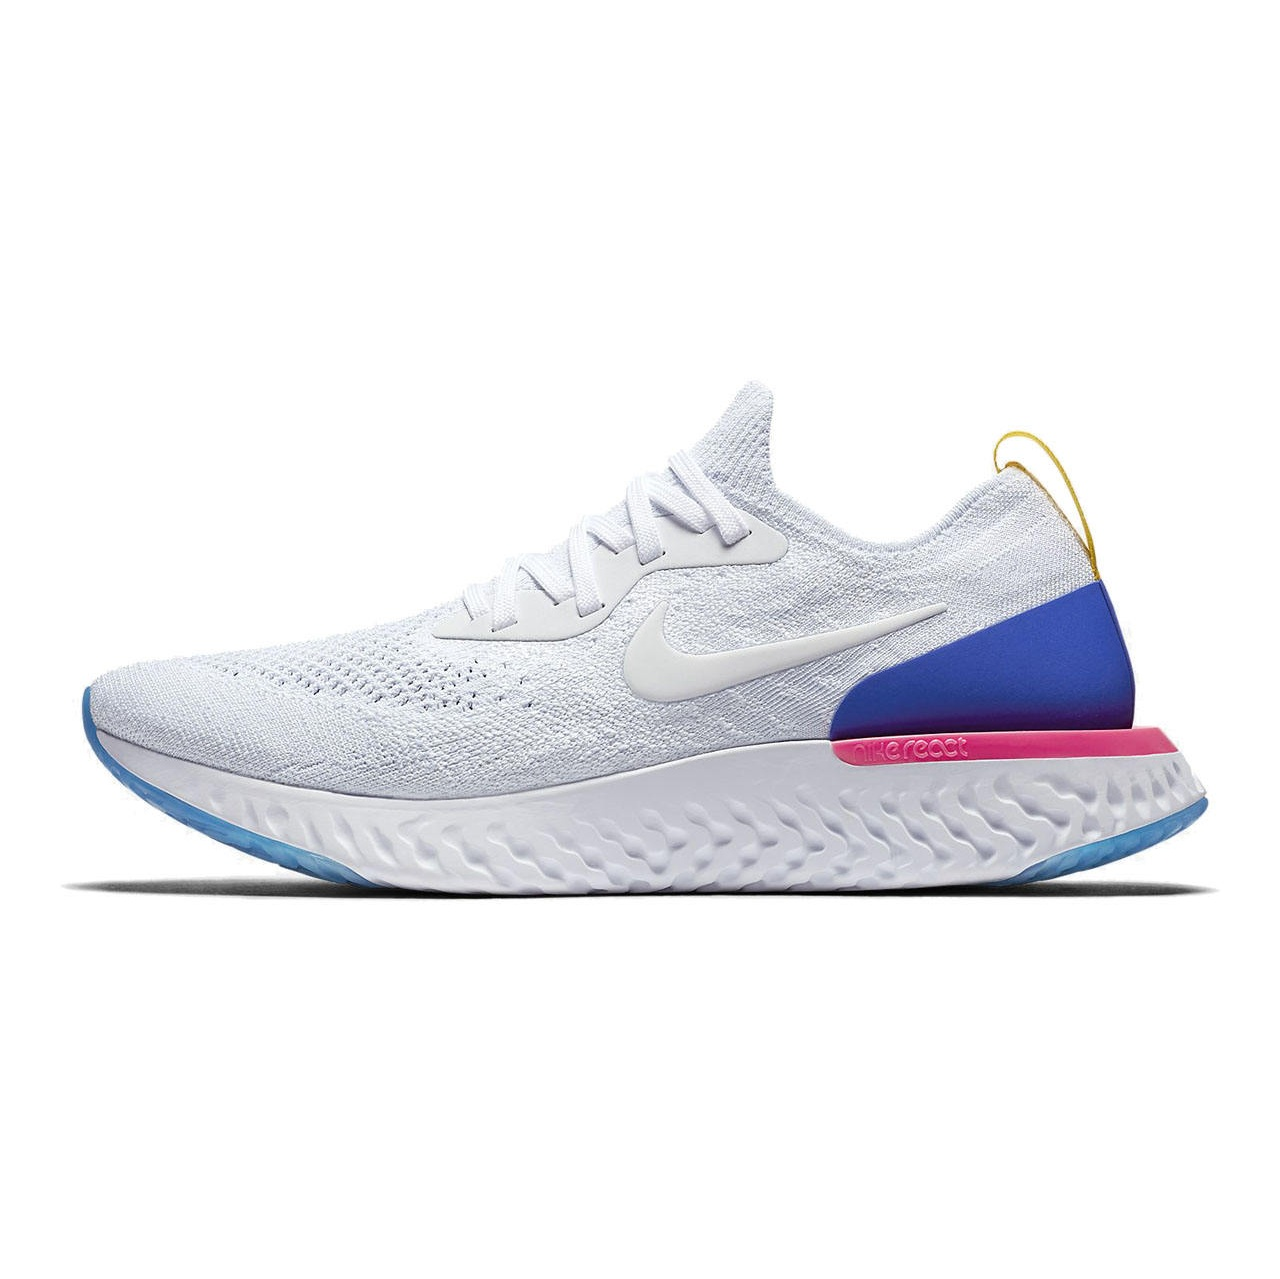 کفش مخصوص دویدن زنانه  مدل Epic React Flyknit